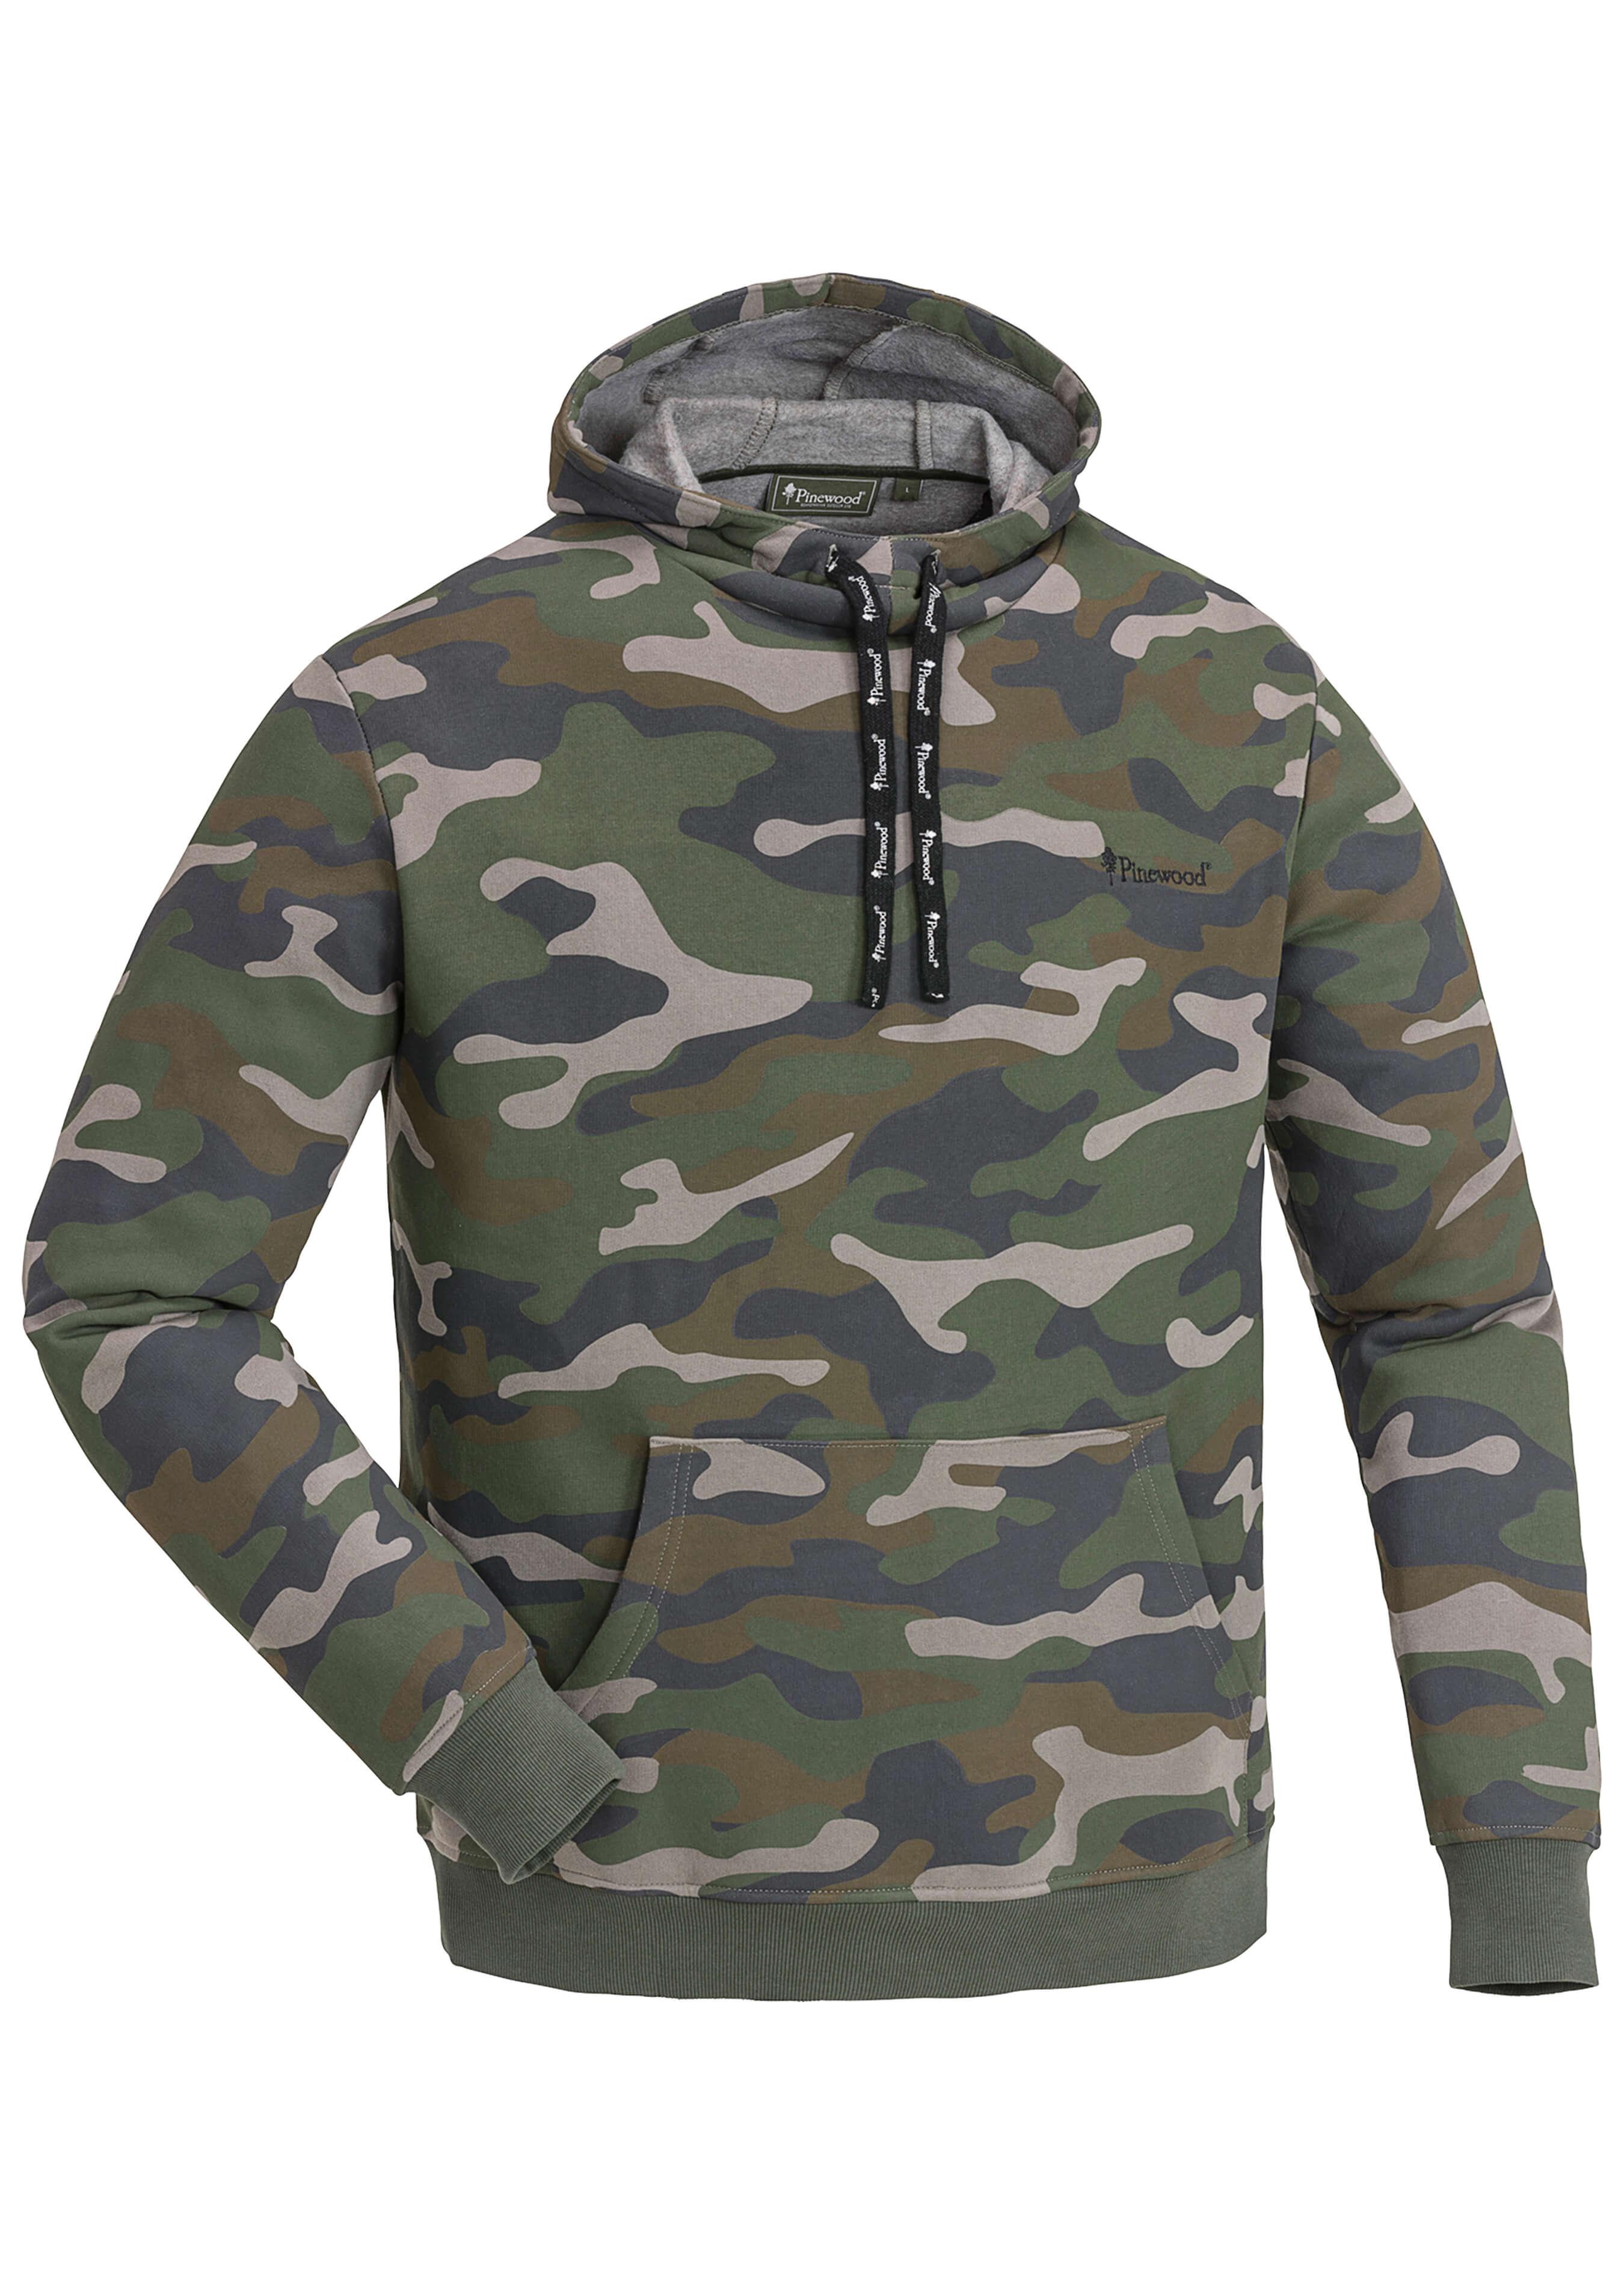 Pinewood Sweater in Camou-Optik 2690274XL 1